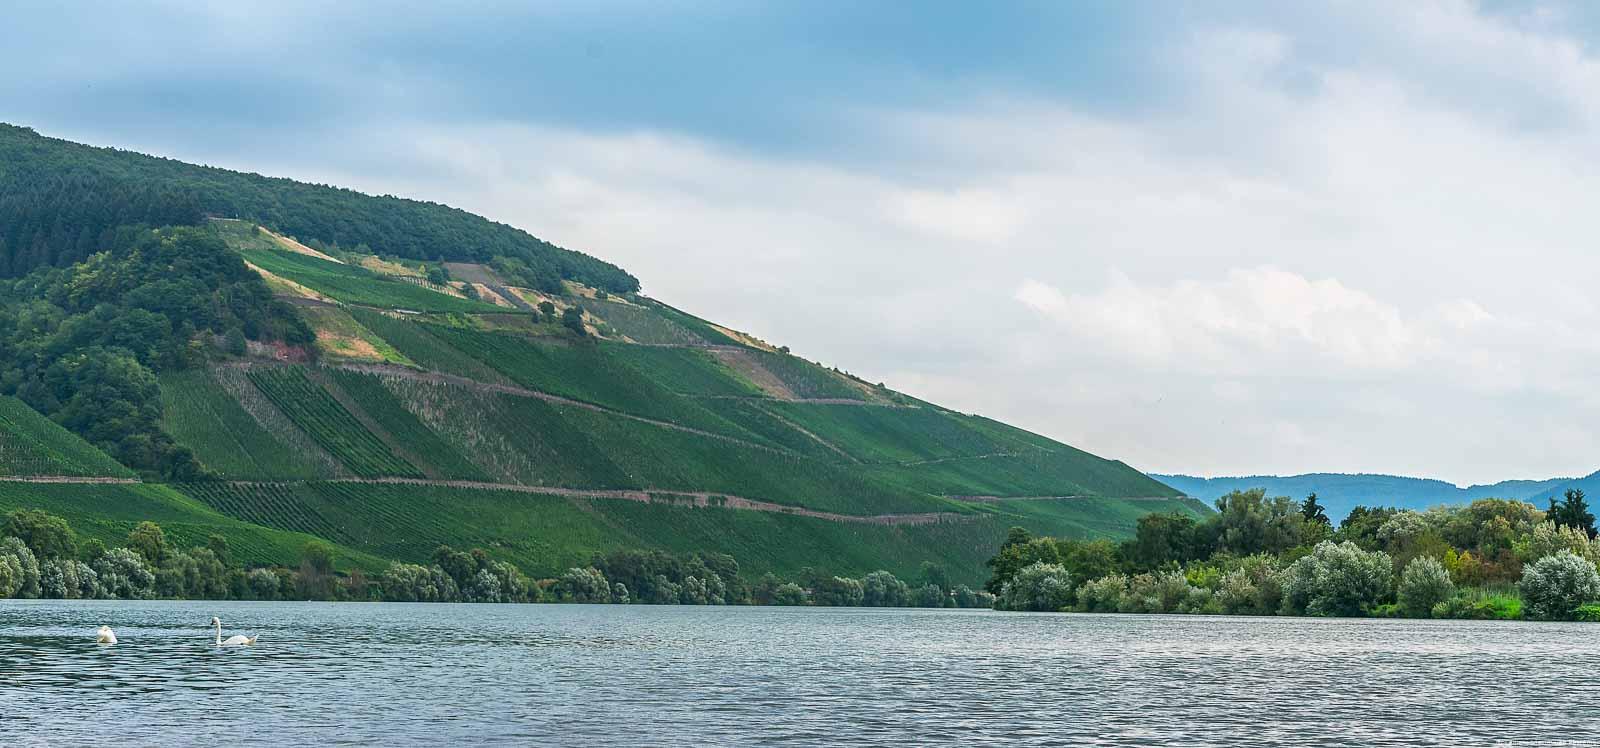 Vorne fließt die Mosel. Dahinter erkennt man den Weinberg Maximiner Herrenberg der groß und steil ist. Am Himmel ist Wolken. Unten am rechten Ufer befinden sich einige Bäume und der Ort Longuich.